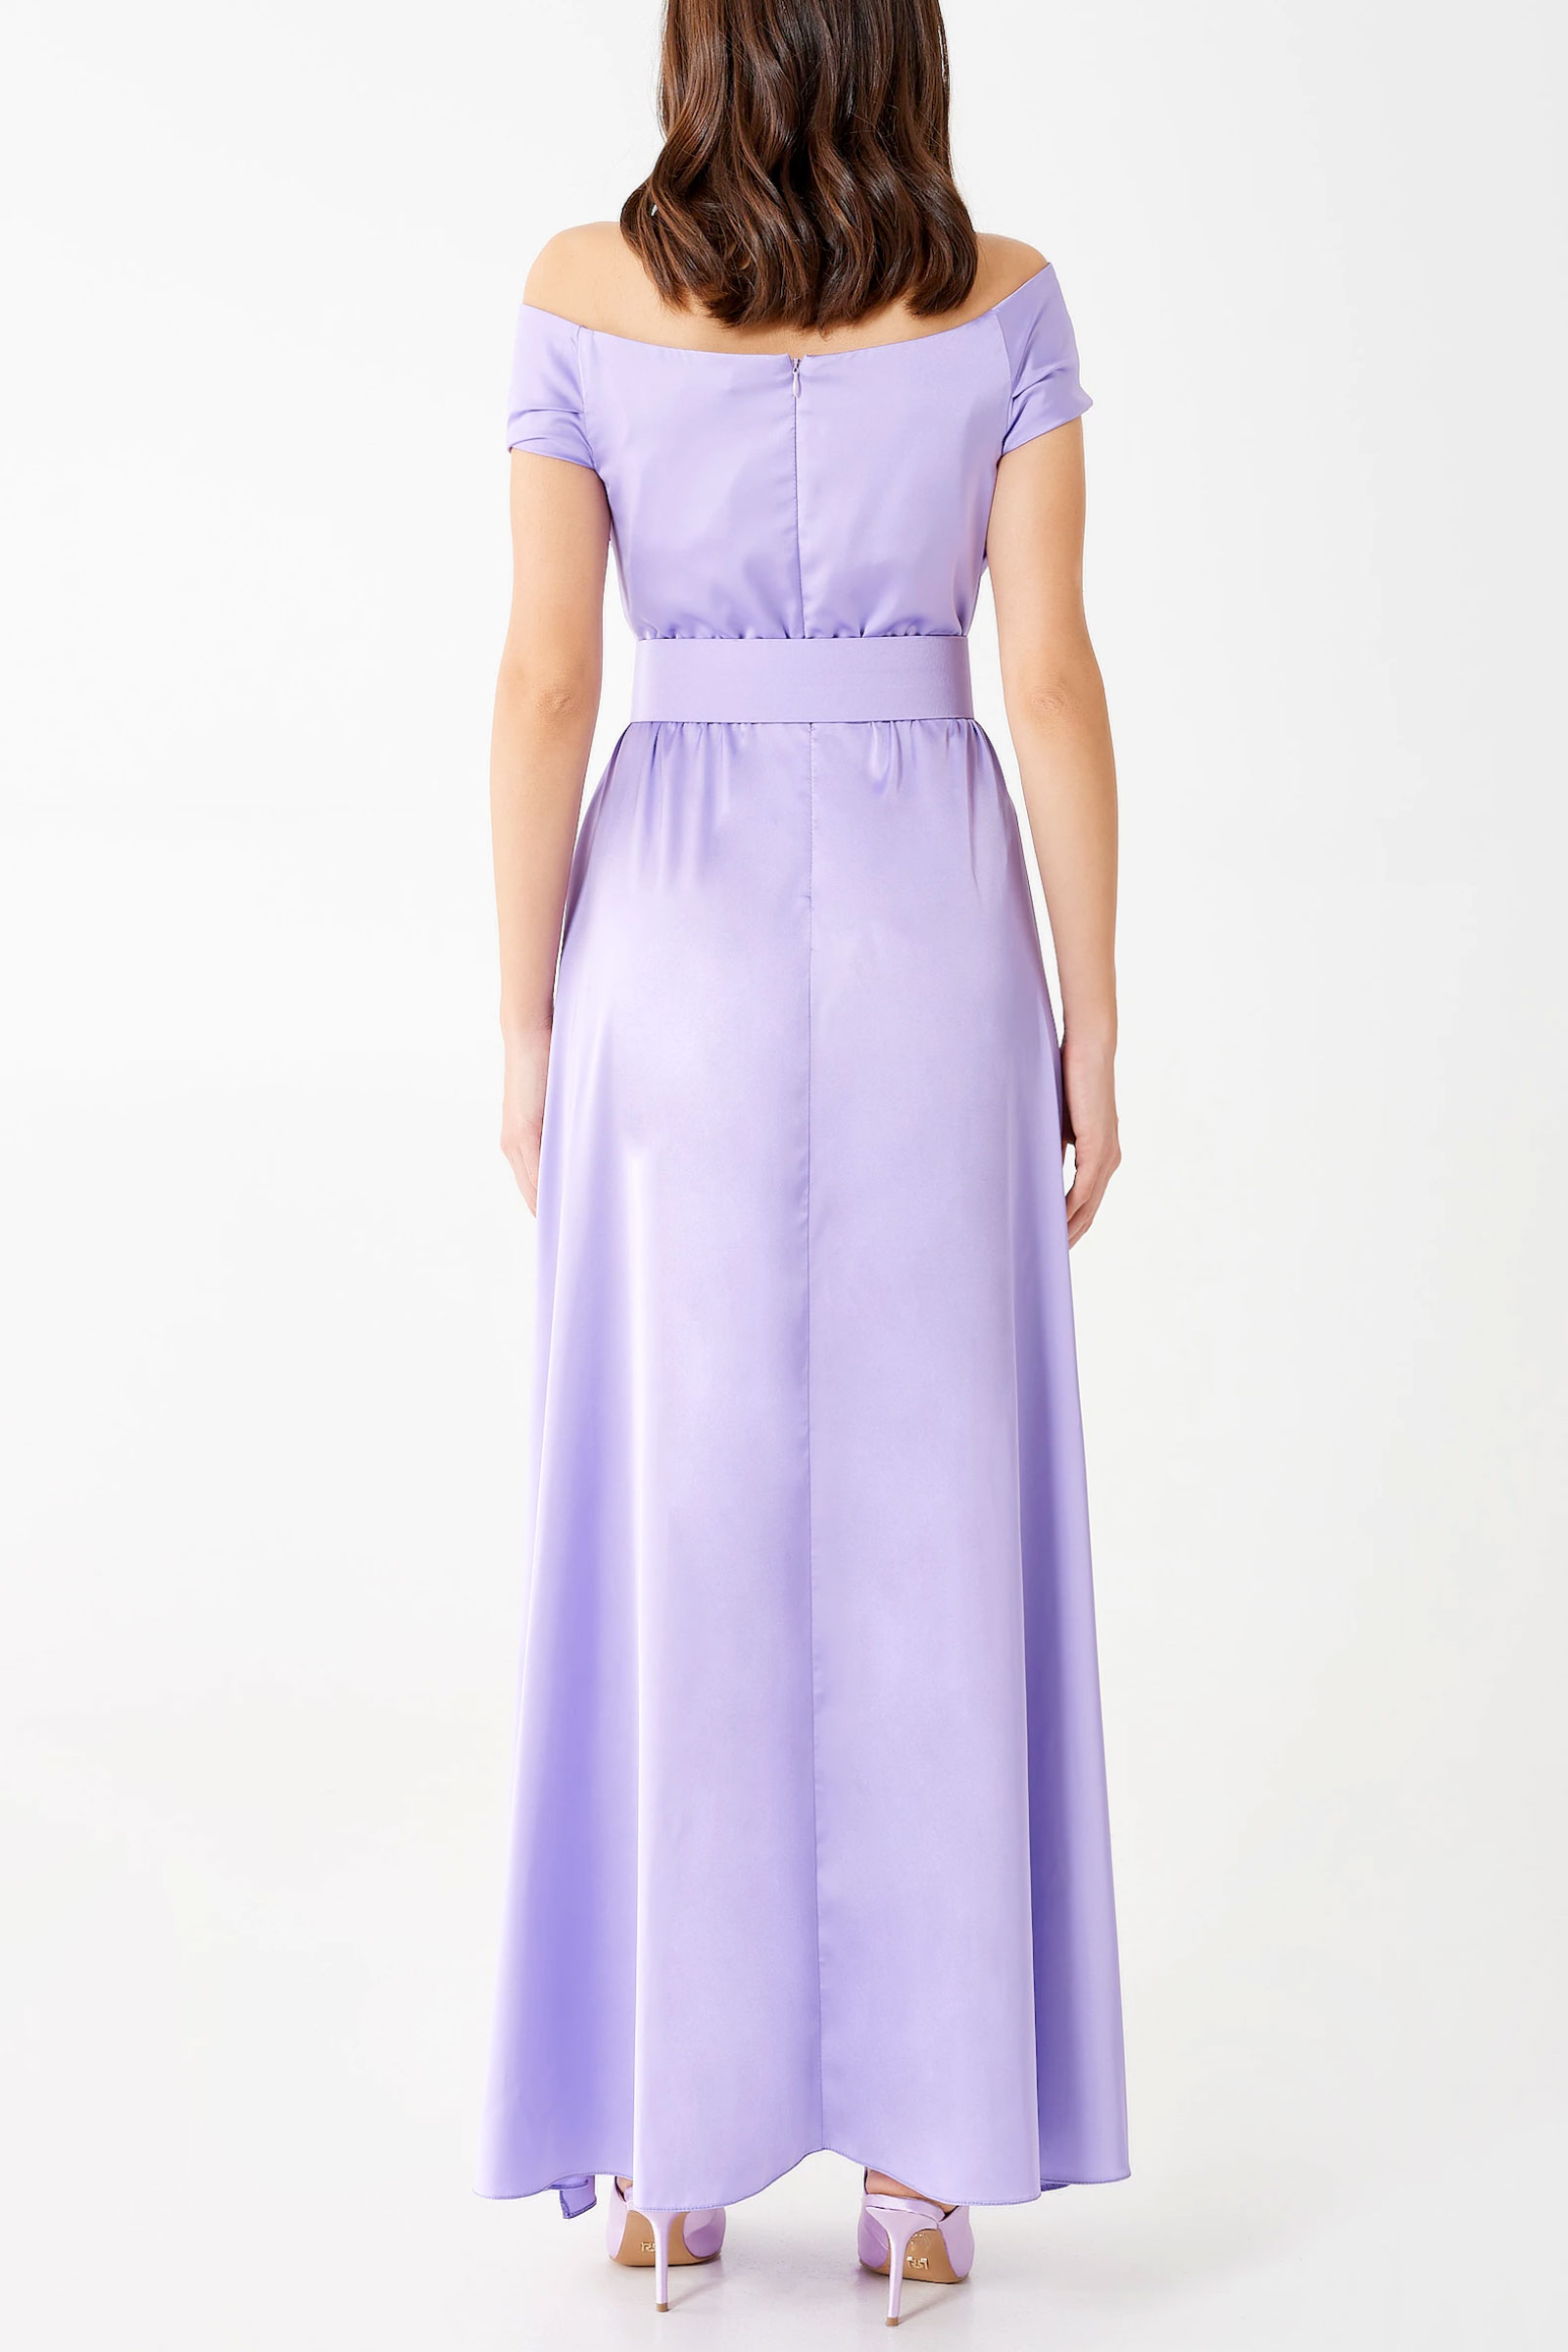 RINASCIMENTO   Dress   CFC0102414003B215